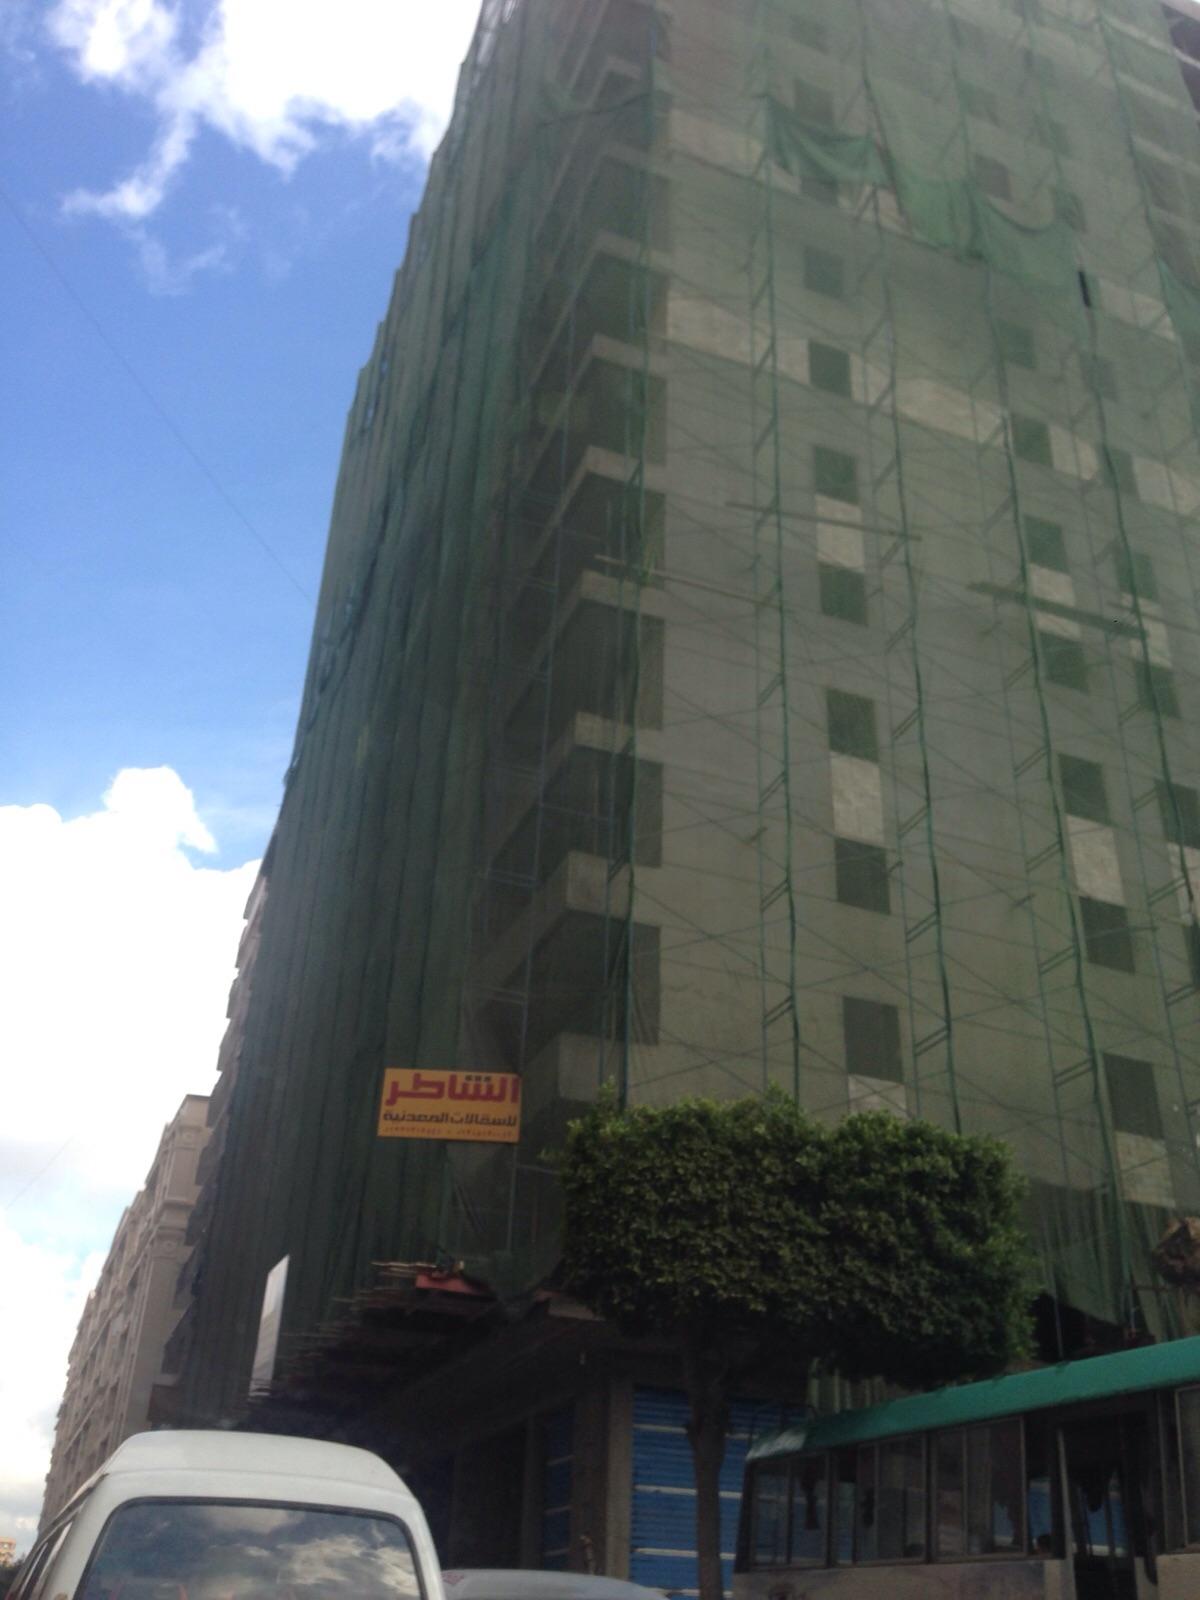 عقارات مخالفة بالإسكندرية.. ومواطنون: حي وسط هايتسبب في موتنا